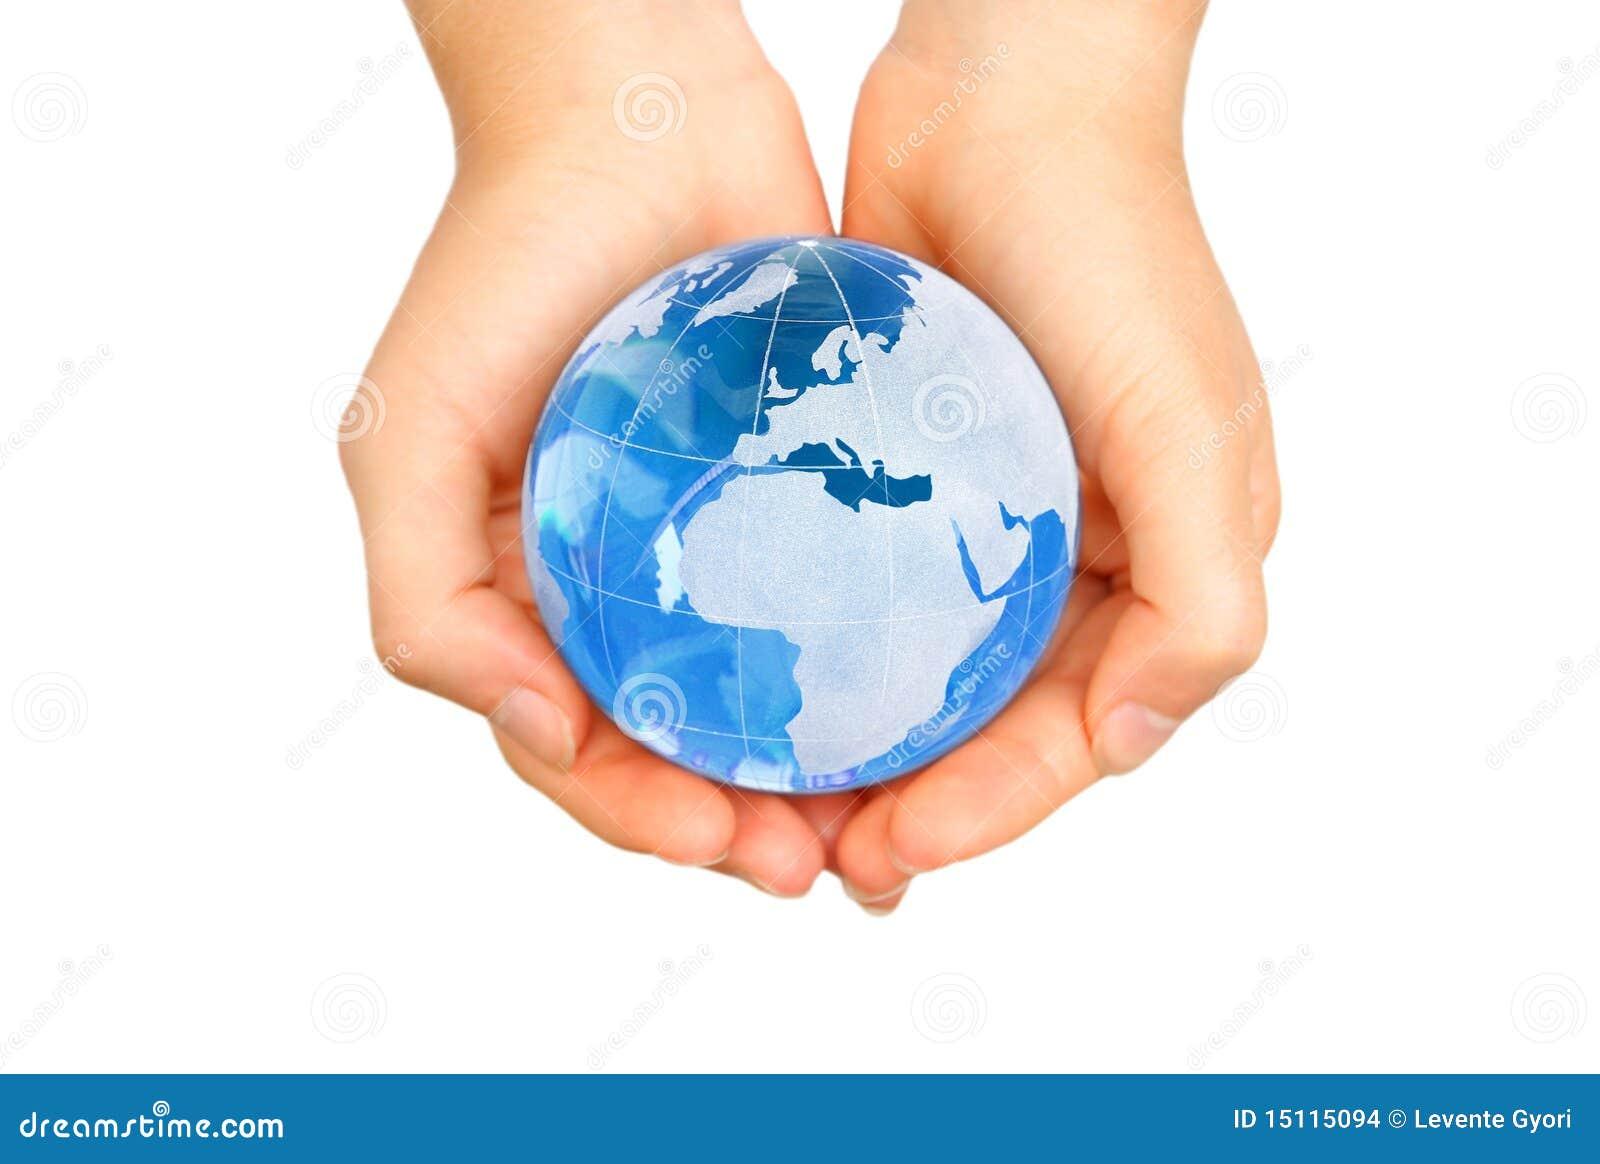 Mundo en manos foto de archivo. Imagen de holding